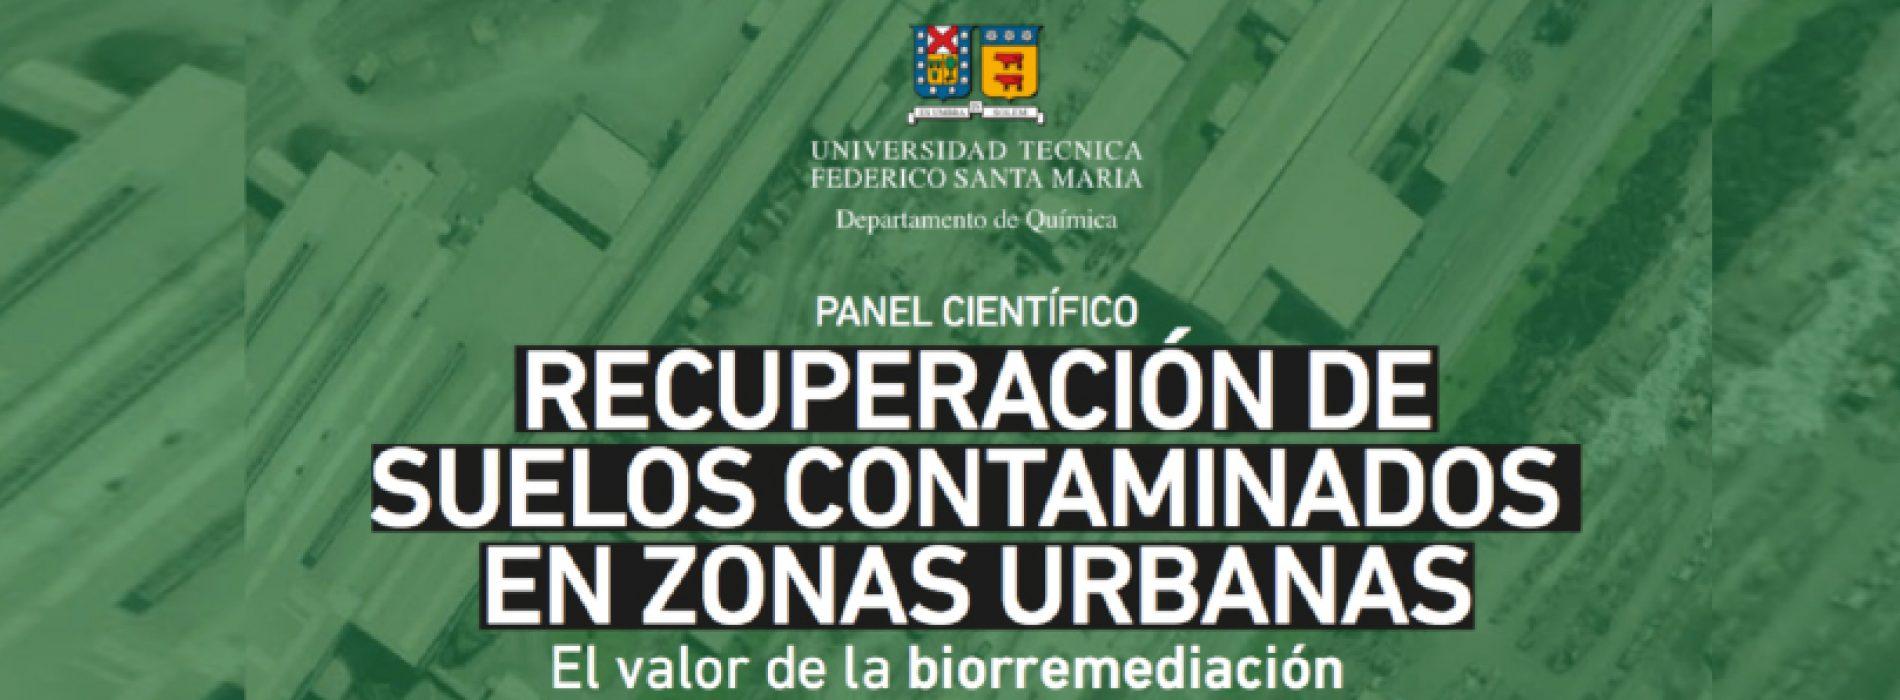 Invitación Panel Científico: Recuperación de Suelos Contaminados en Zonas Urbanas